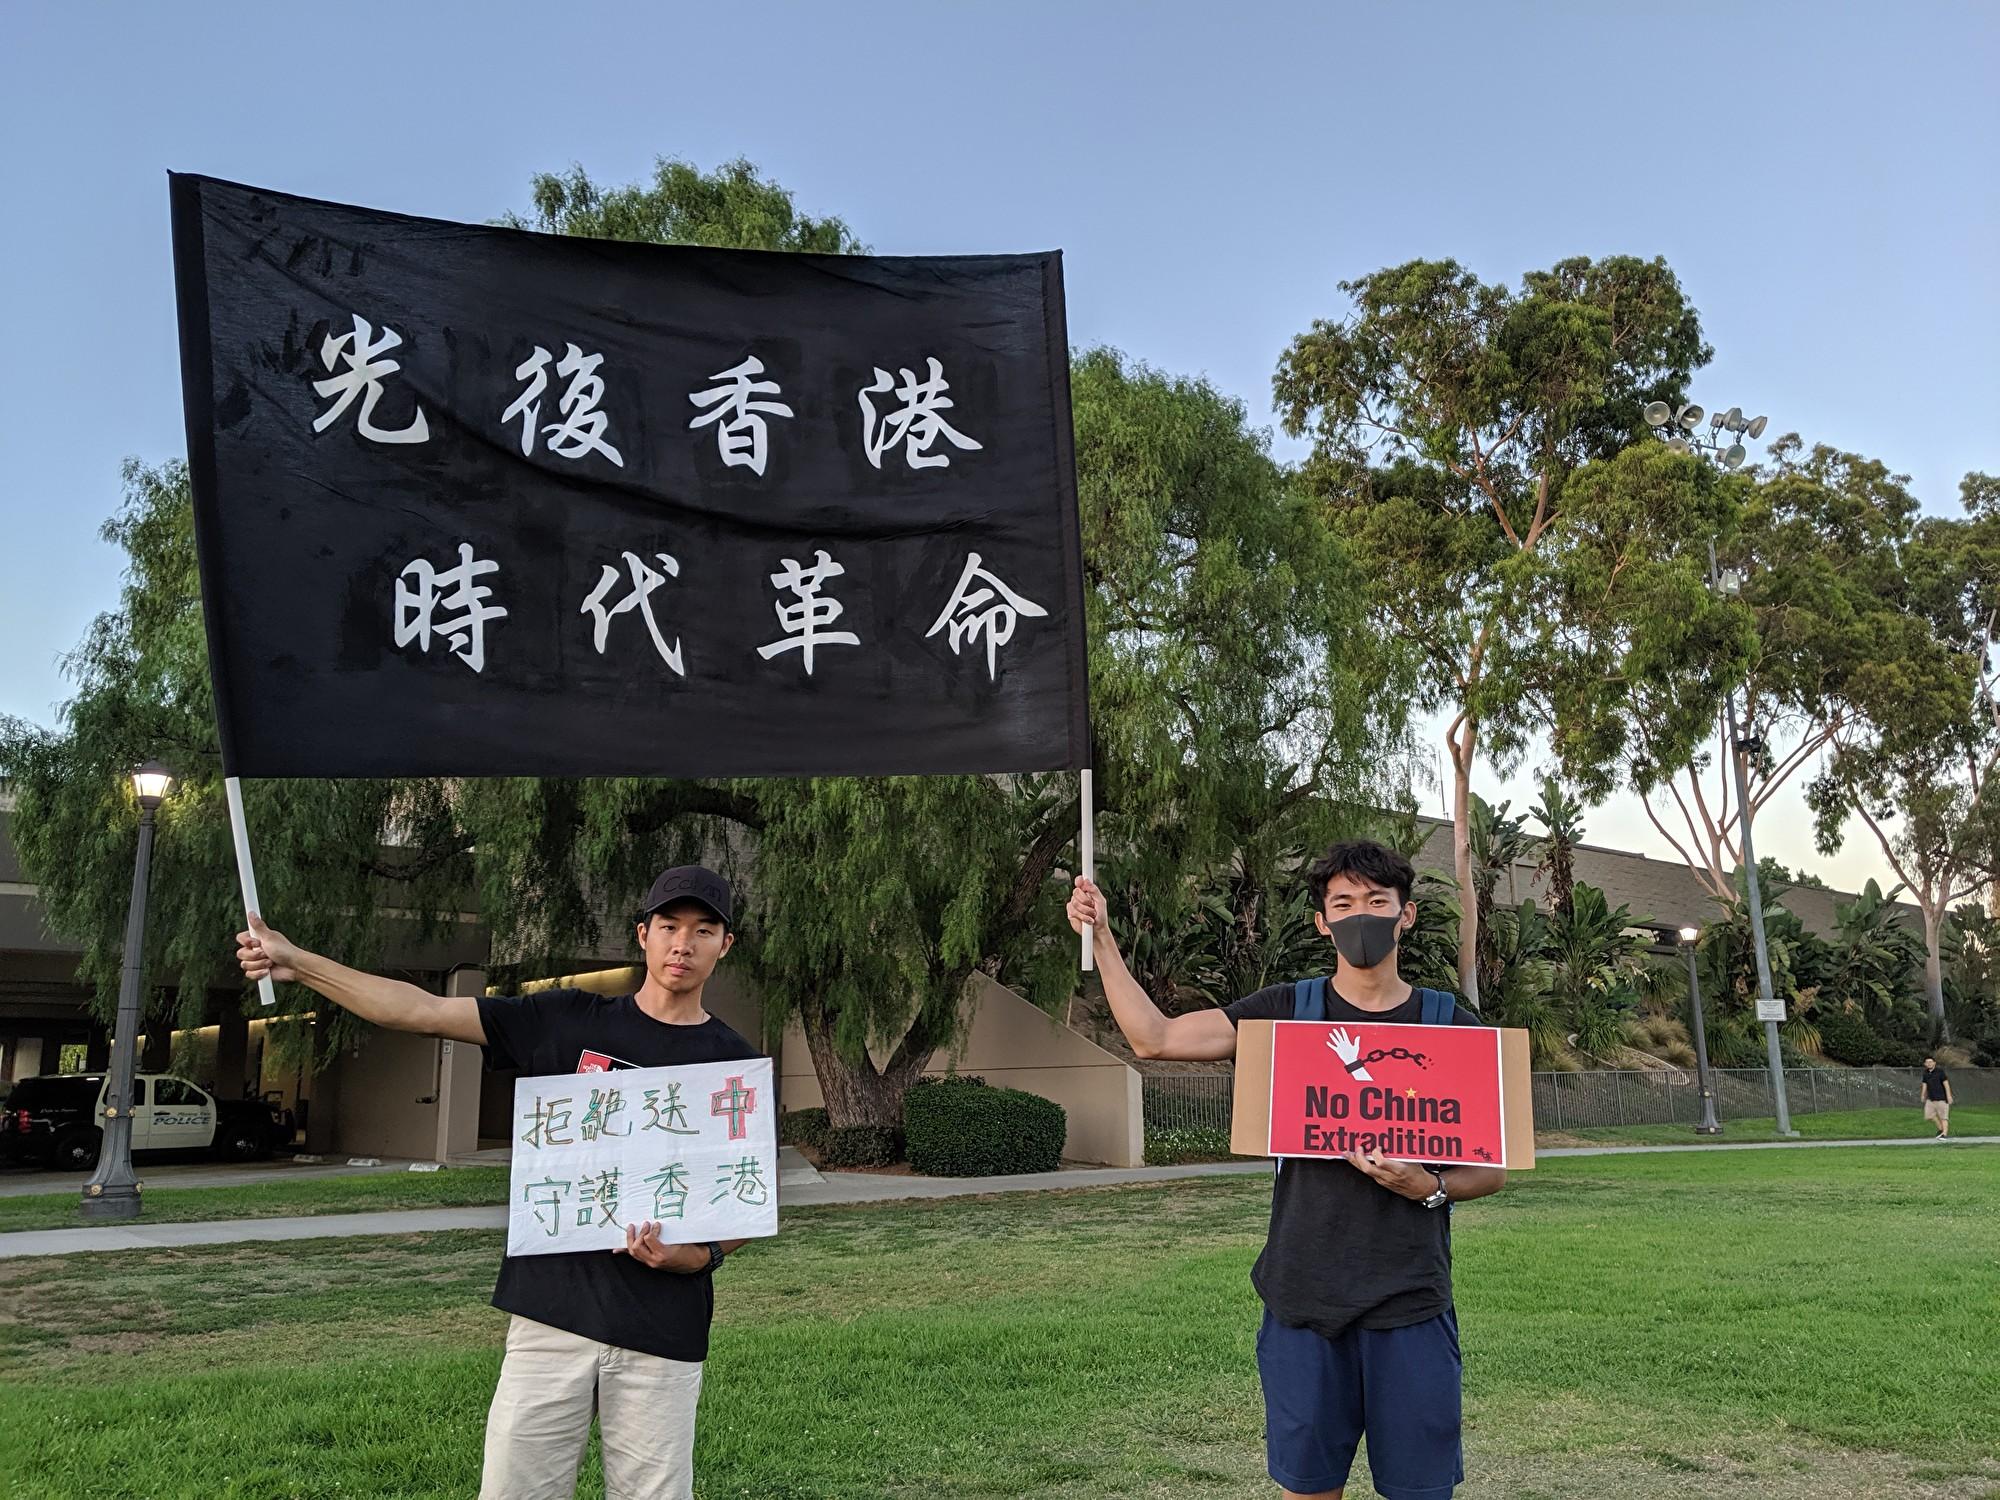 香港論壇學生高舉「光復香港 時代革命」大旗。(徐繡惠/大紀元)